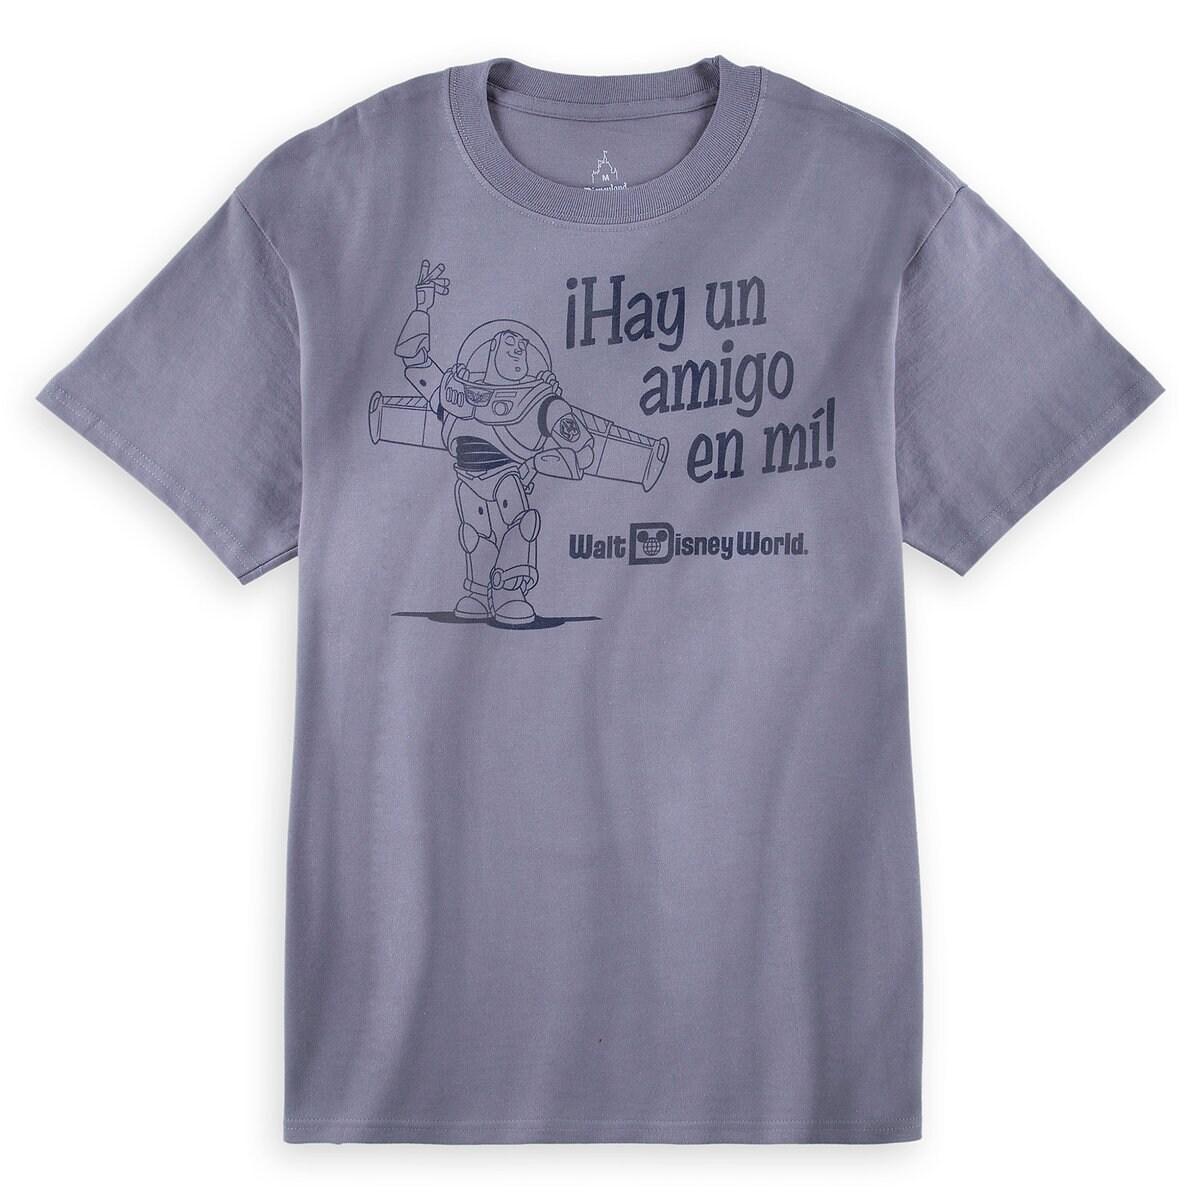 Buzz Lightyear ''Hay Un Amigo en Mi!'' Tee for Adults - Walt ...